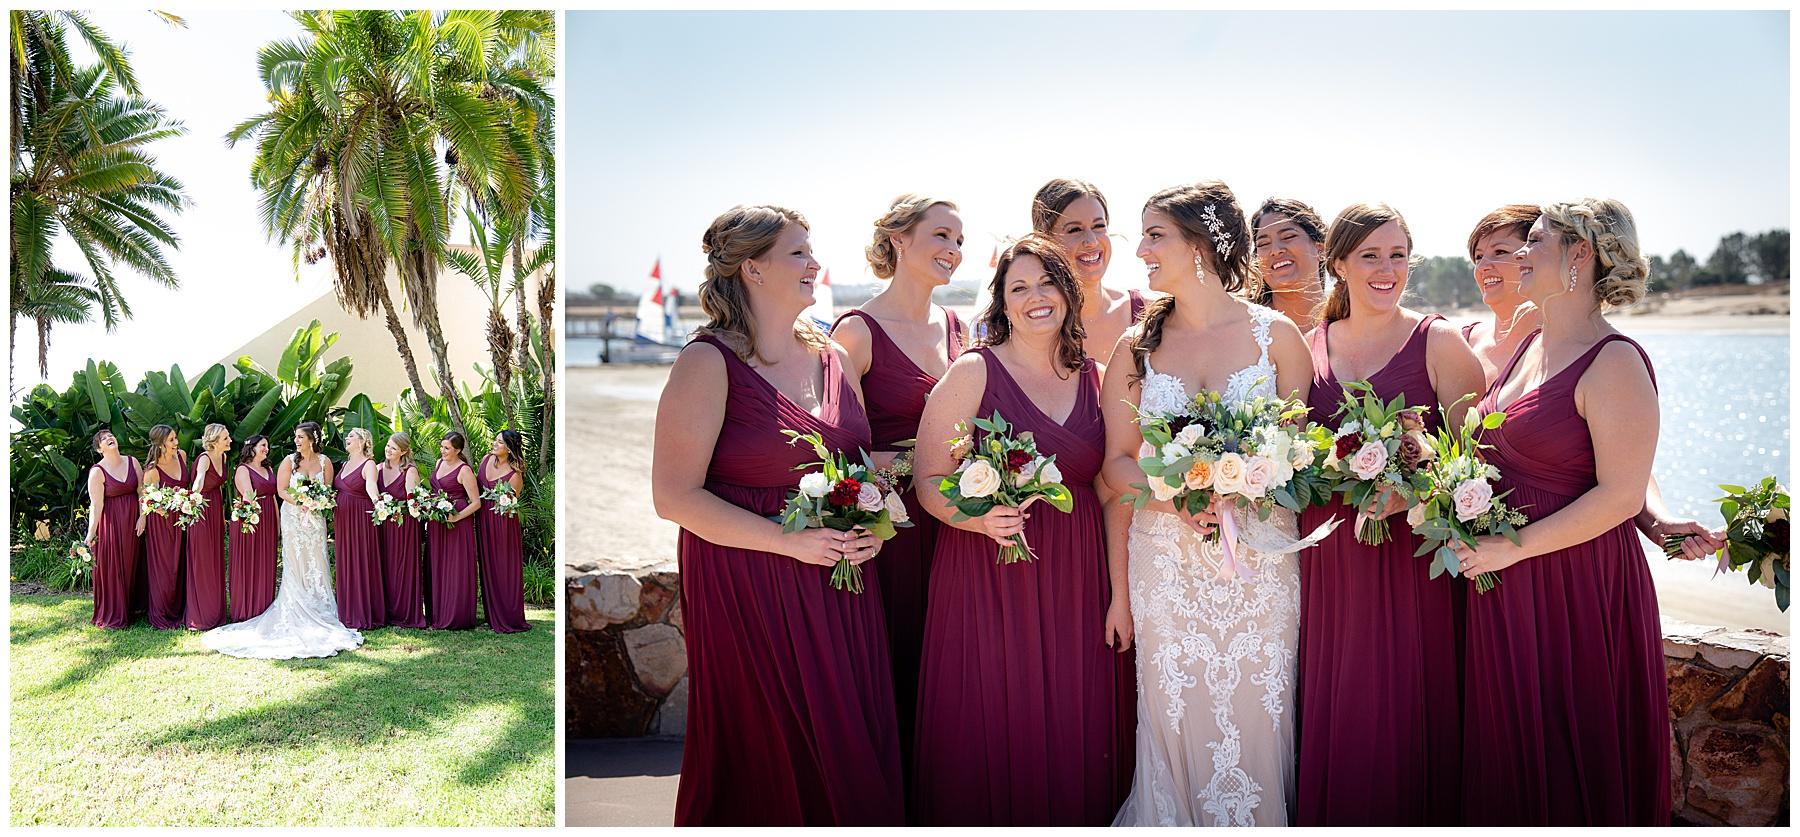 the hilton bayfront bridal party photos